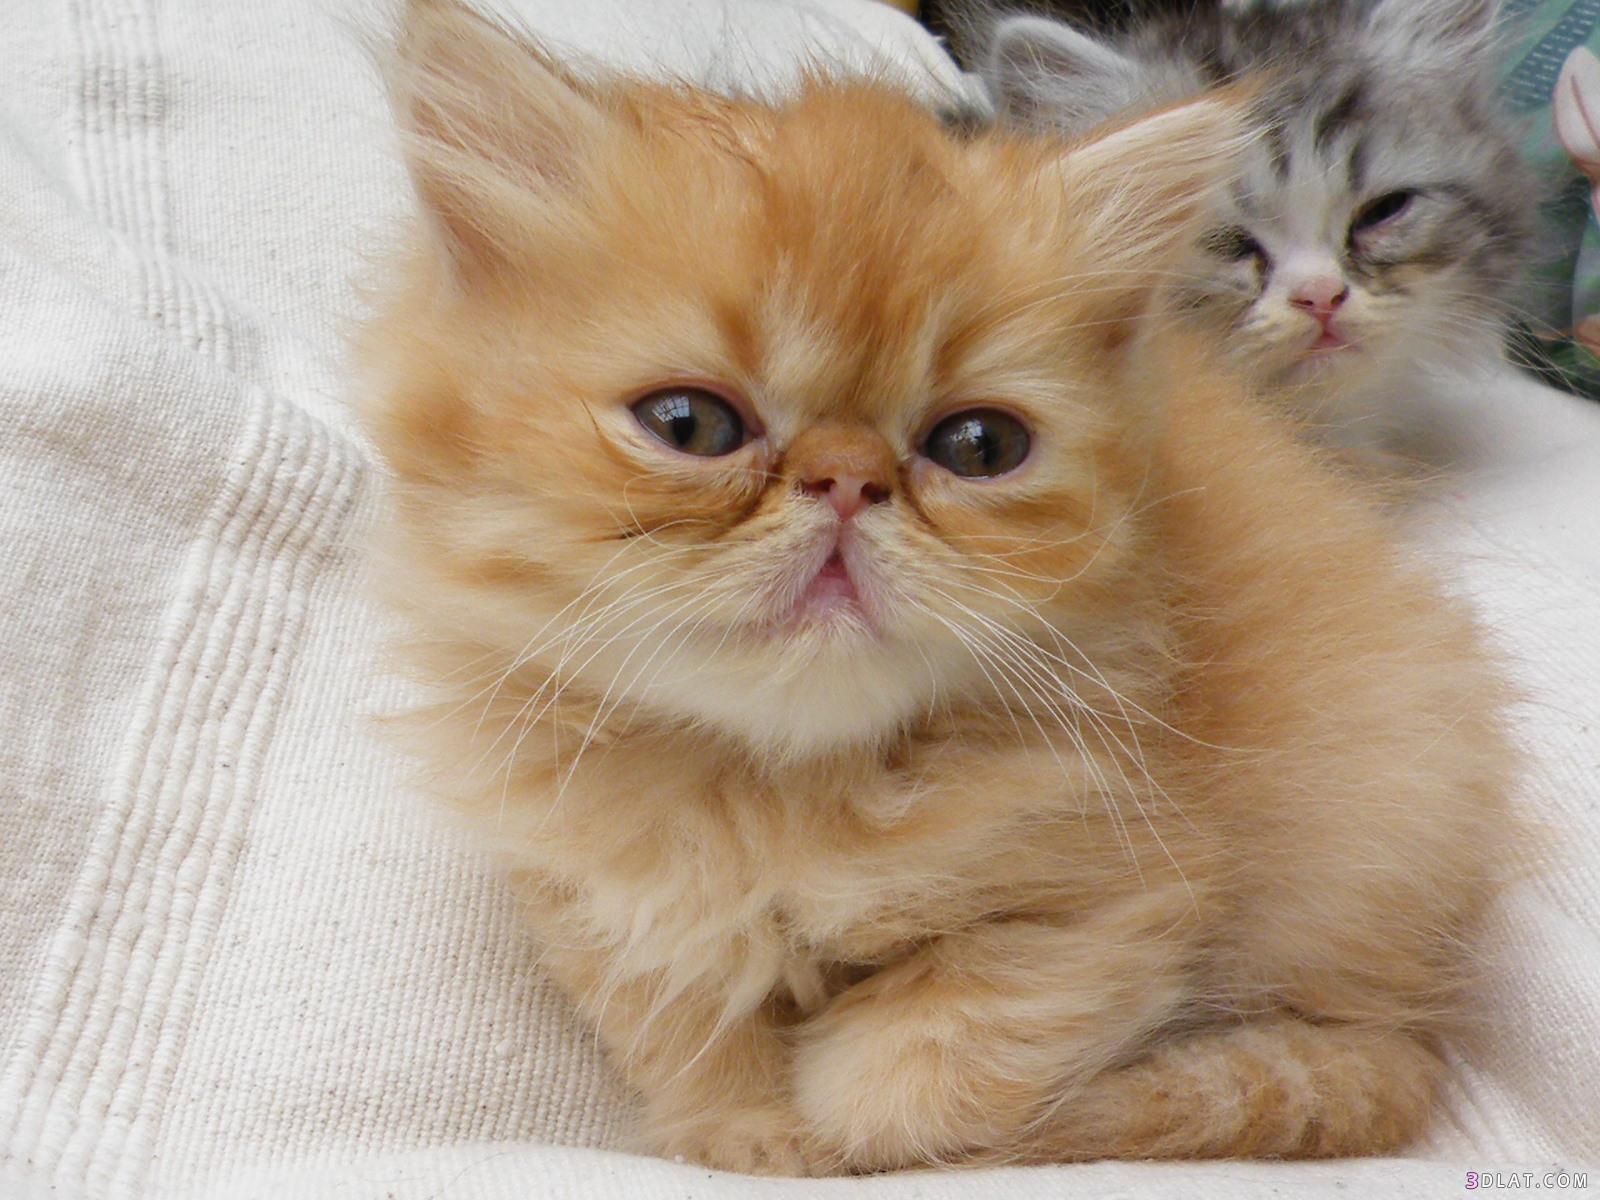 صور انواع قطط مختلفة ومعلومات عن حياة القطط 11